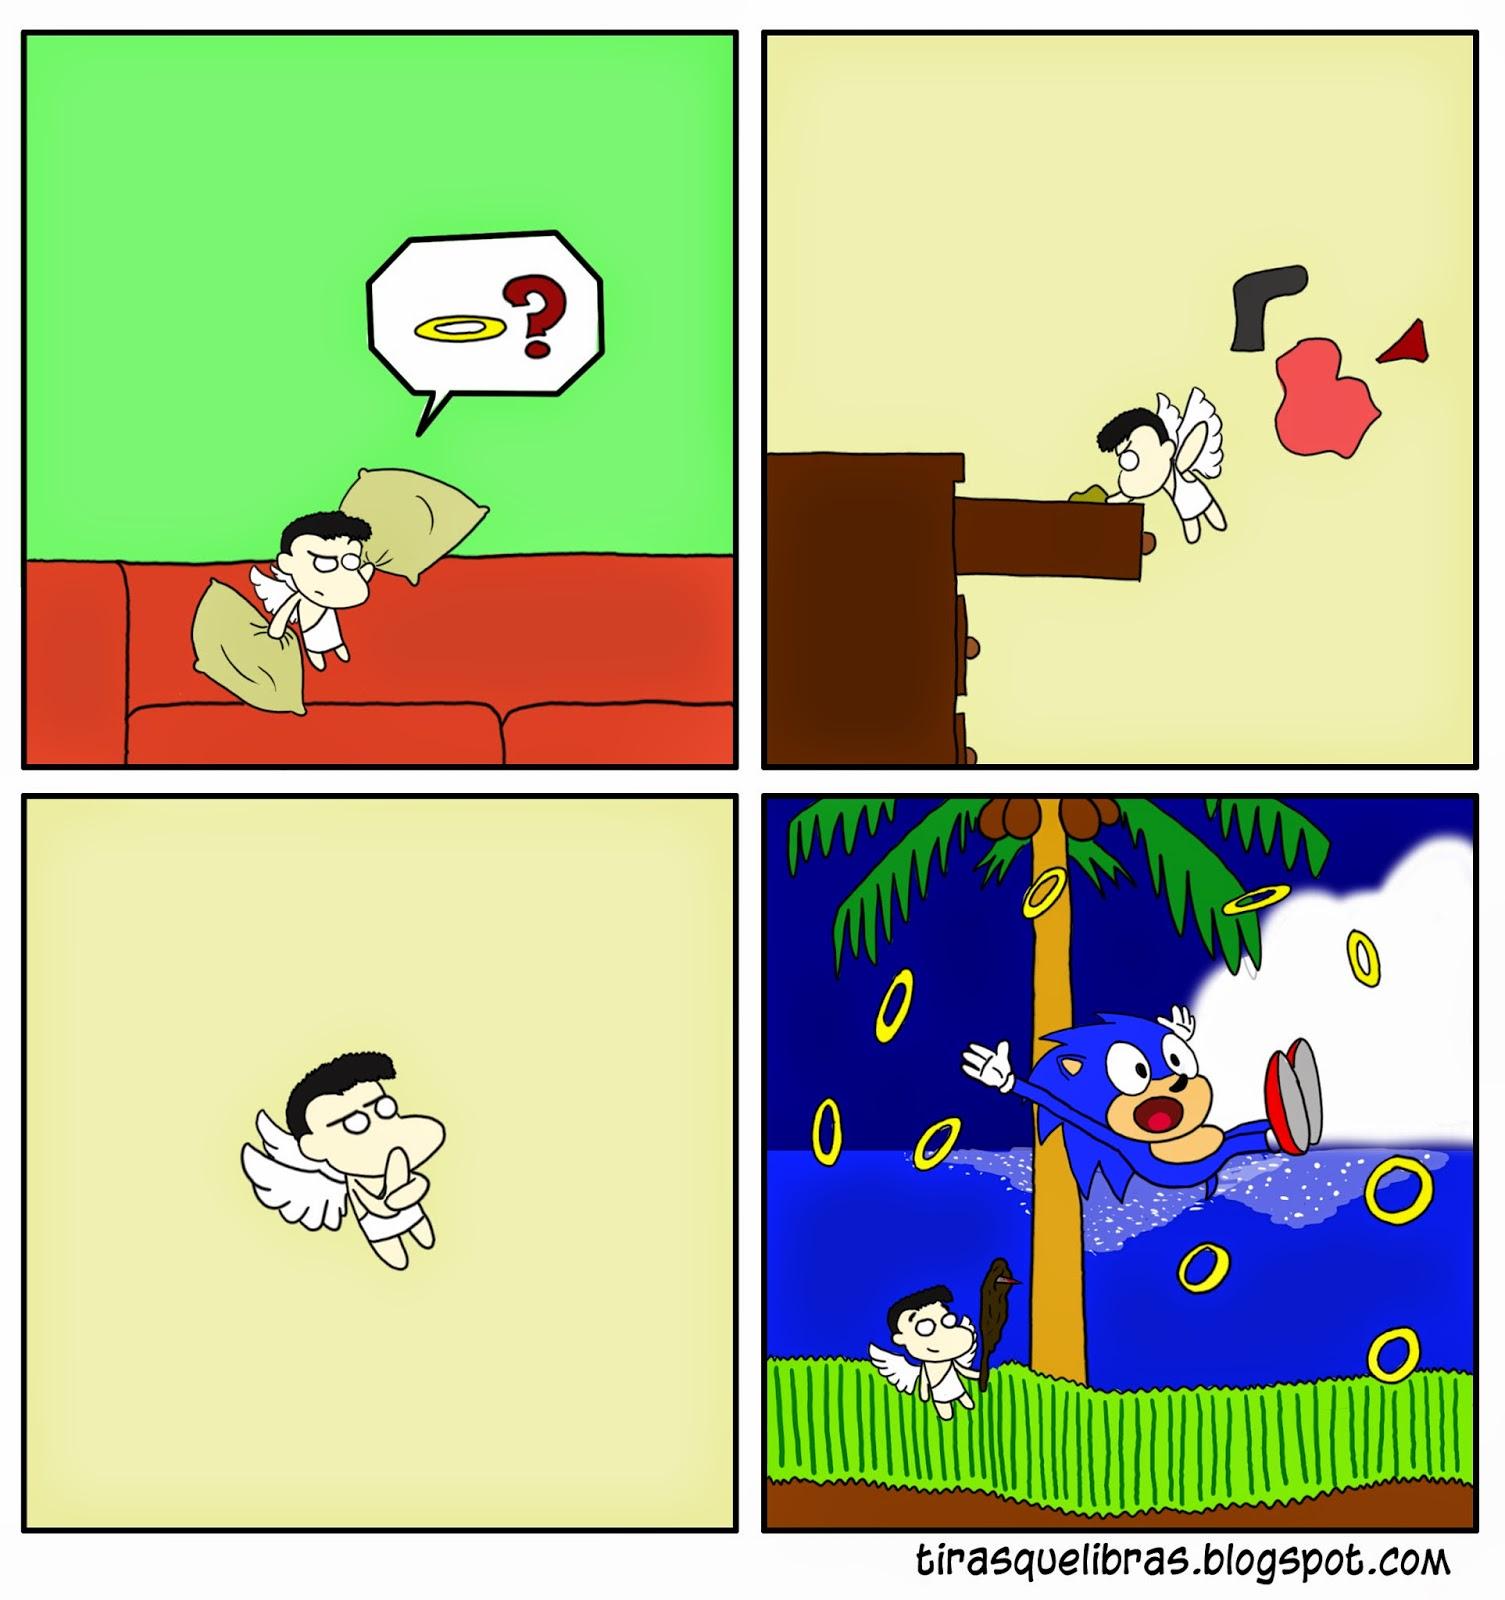 webcomic ye lo que hay, el angelito no encuentra su halo y va a robarle los suyos a Sonic